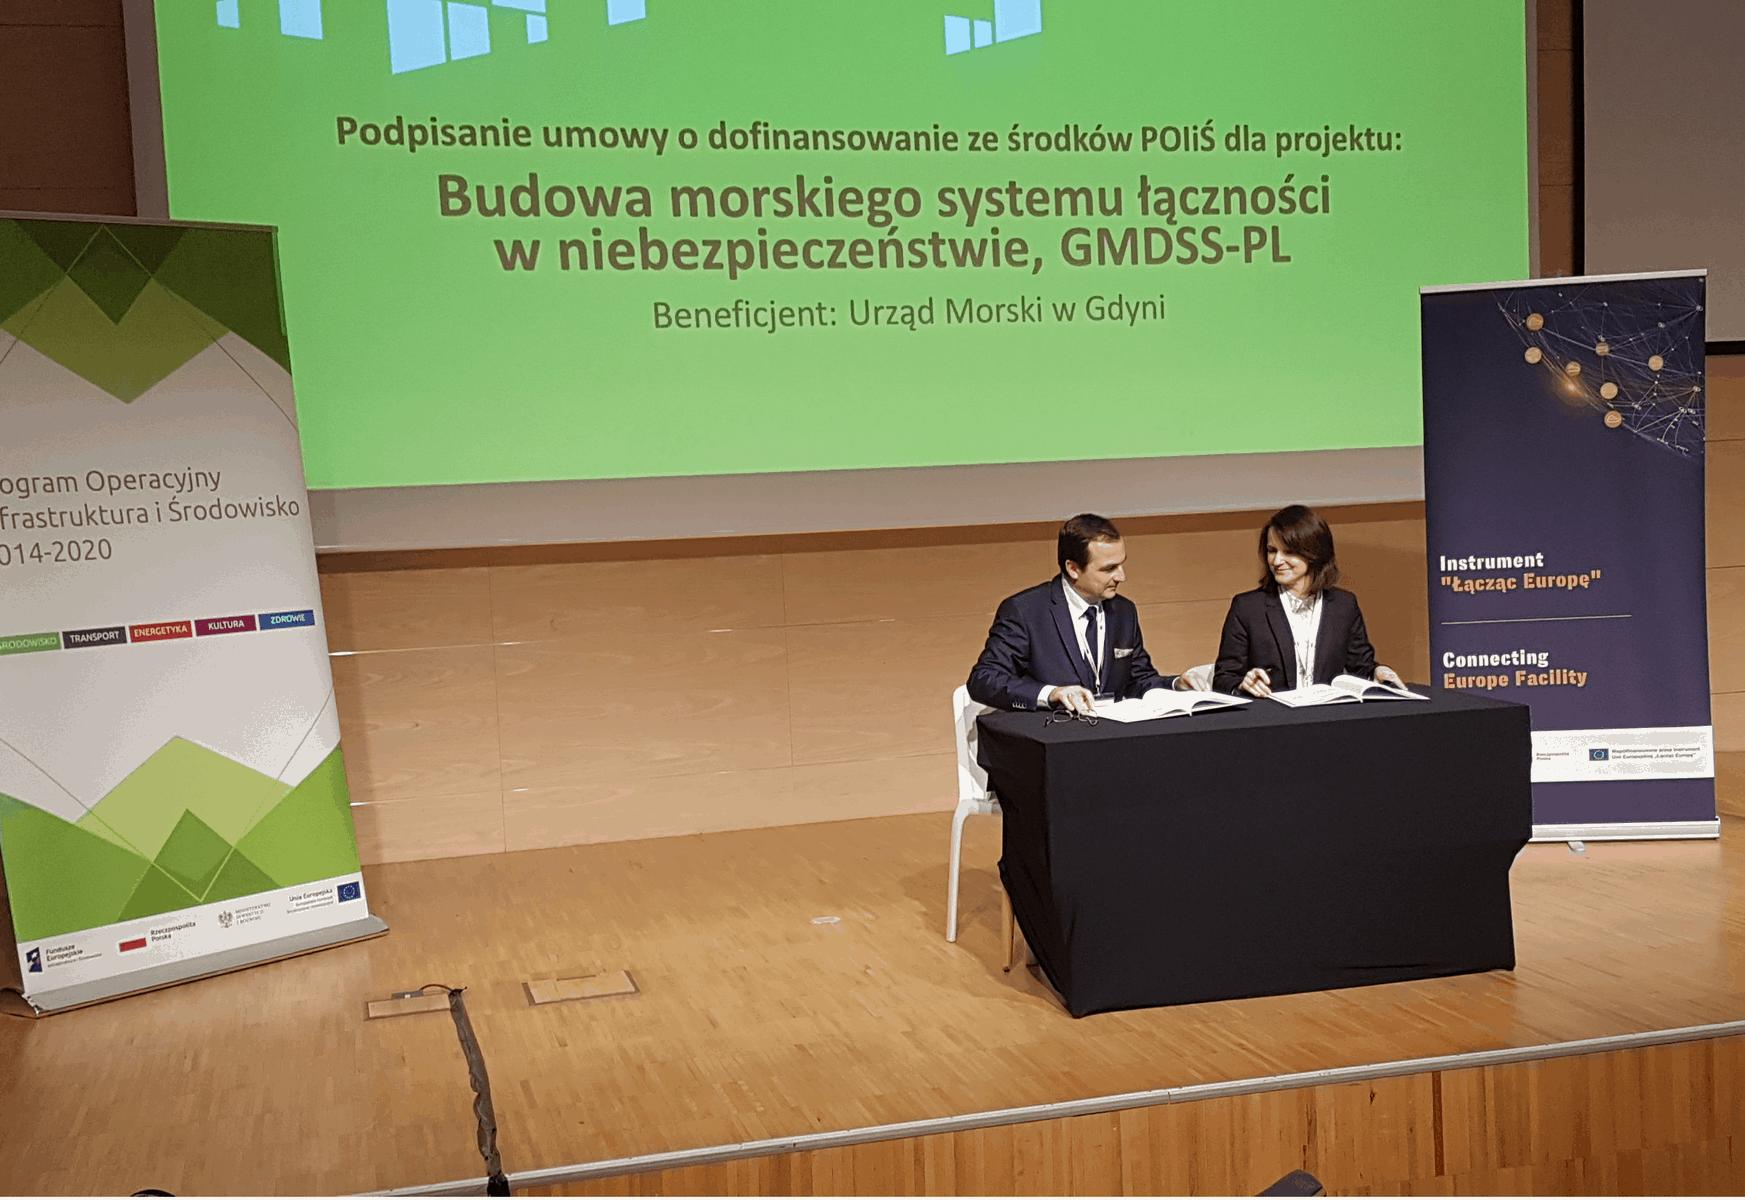 Umowę ze strony Urzędu Morskiego w Gdyni podpisał Pan Jan Młotkowski, Z-ca Dyrektora ds. Oznakowania Nawigacyjnego, ze strony CUPT Pani Joanna Lech p.o., Dyrektora